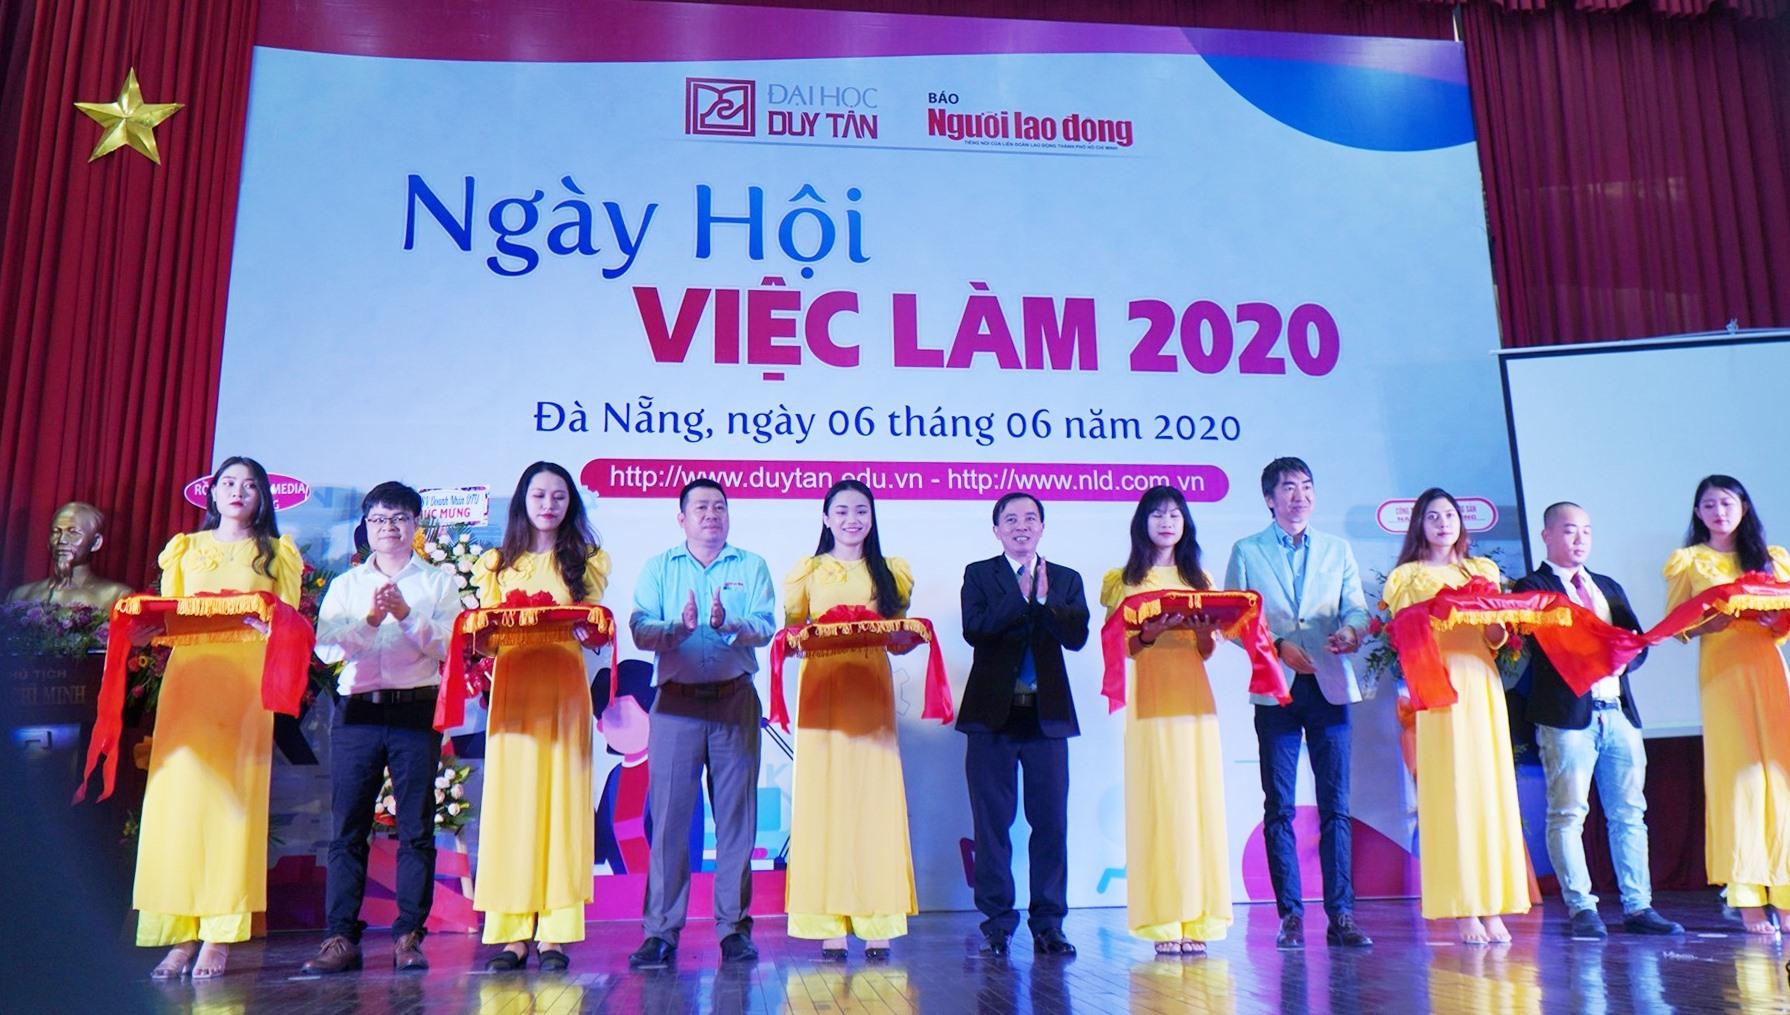 Lãnh đạo Trường ĐH Duy Tân, Báo người Lao động và đại diện Doanh nghiệp cắt băng khai mạc Ngày hội việc làm sinh viên DTU. Ảnh NĐ